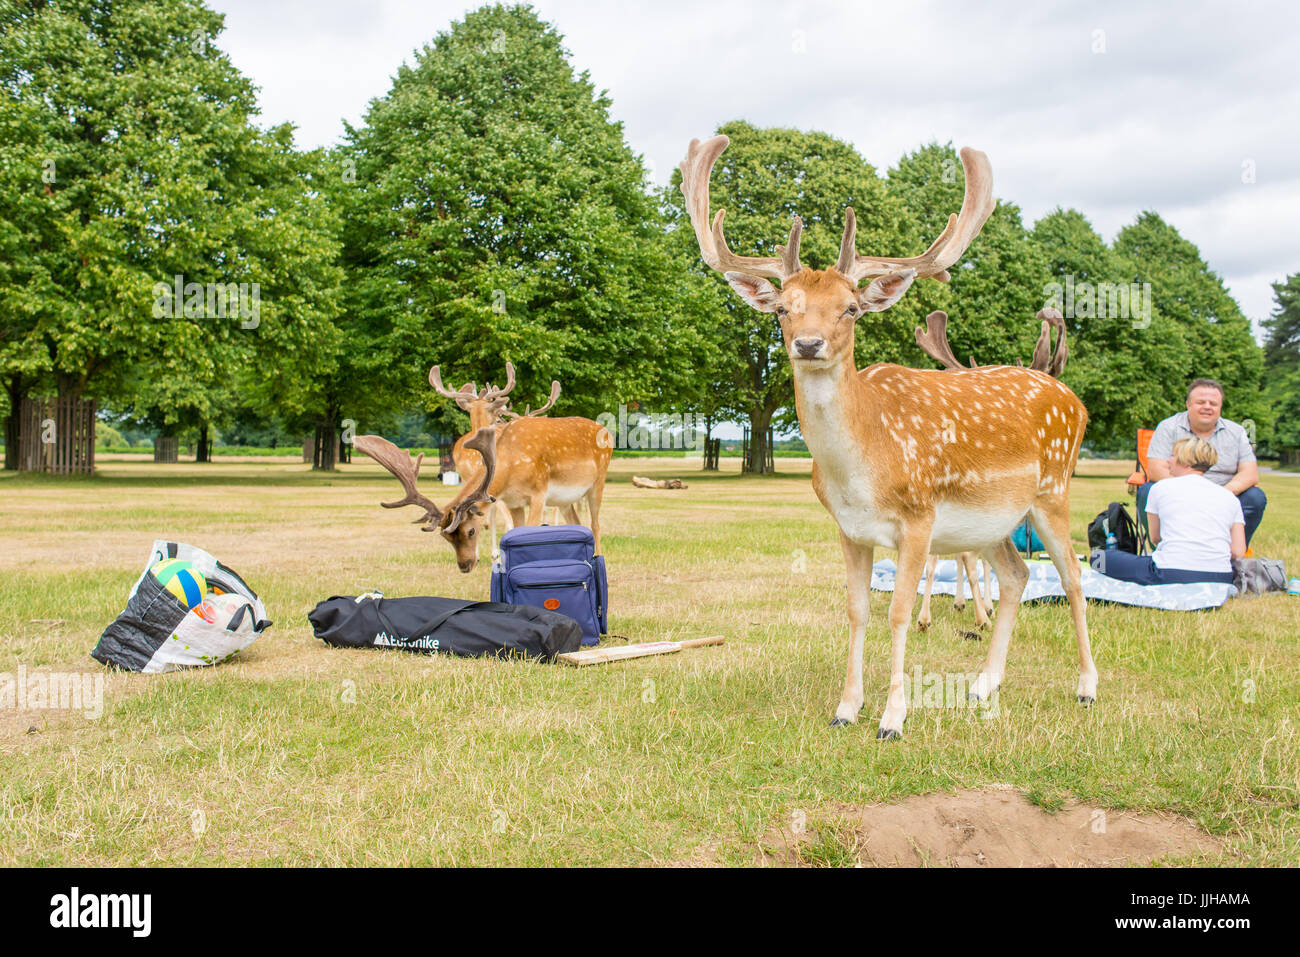 Richmond, Londres, Reino Unido - Julio 2017: manada de gamos en una pradera de hierba en Bushy Park, junto a dos Imagen De Stock